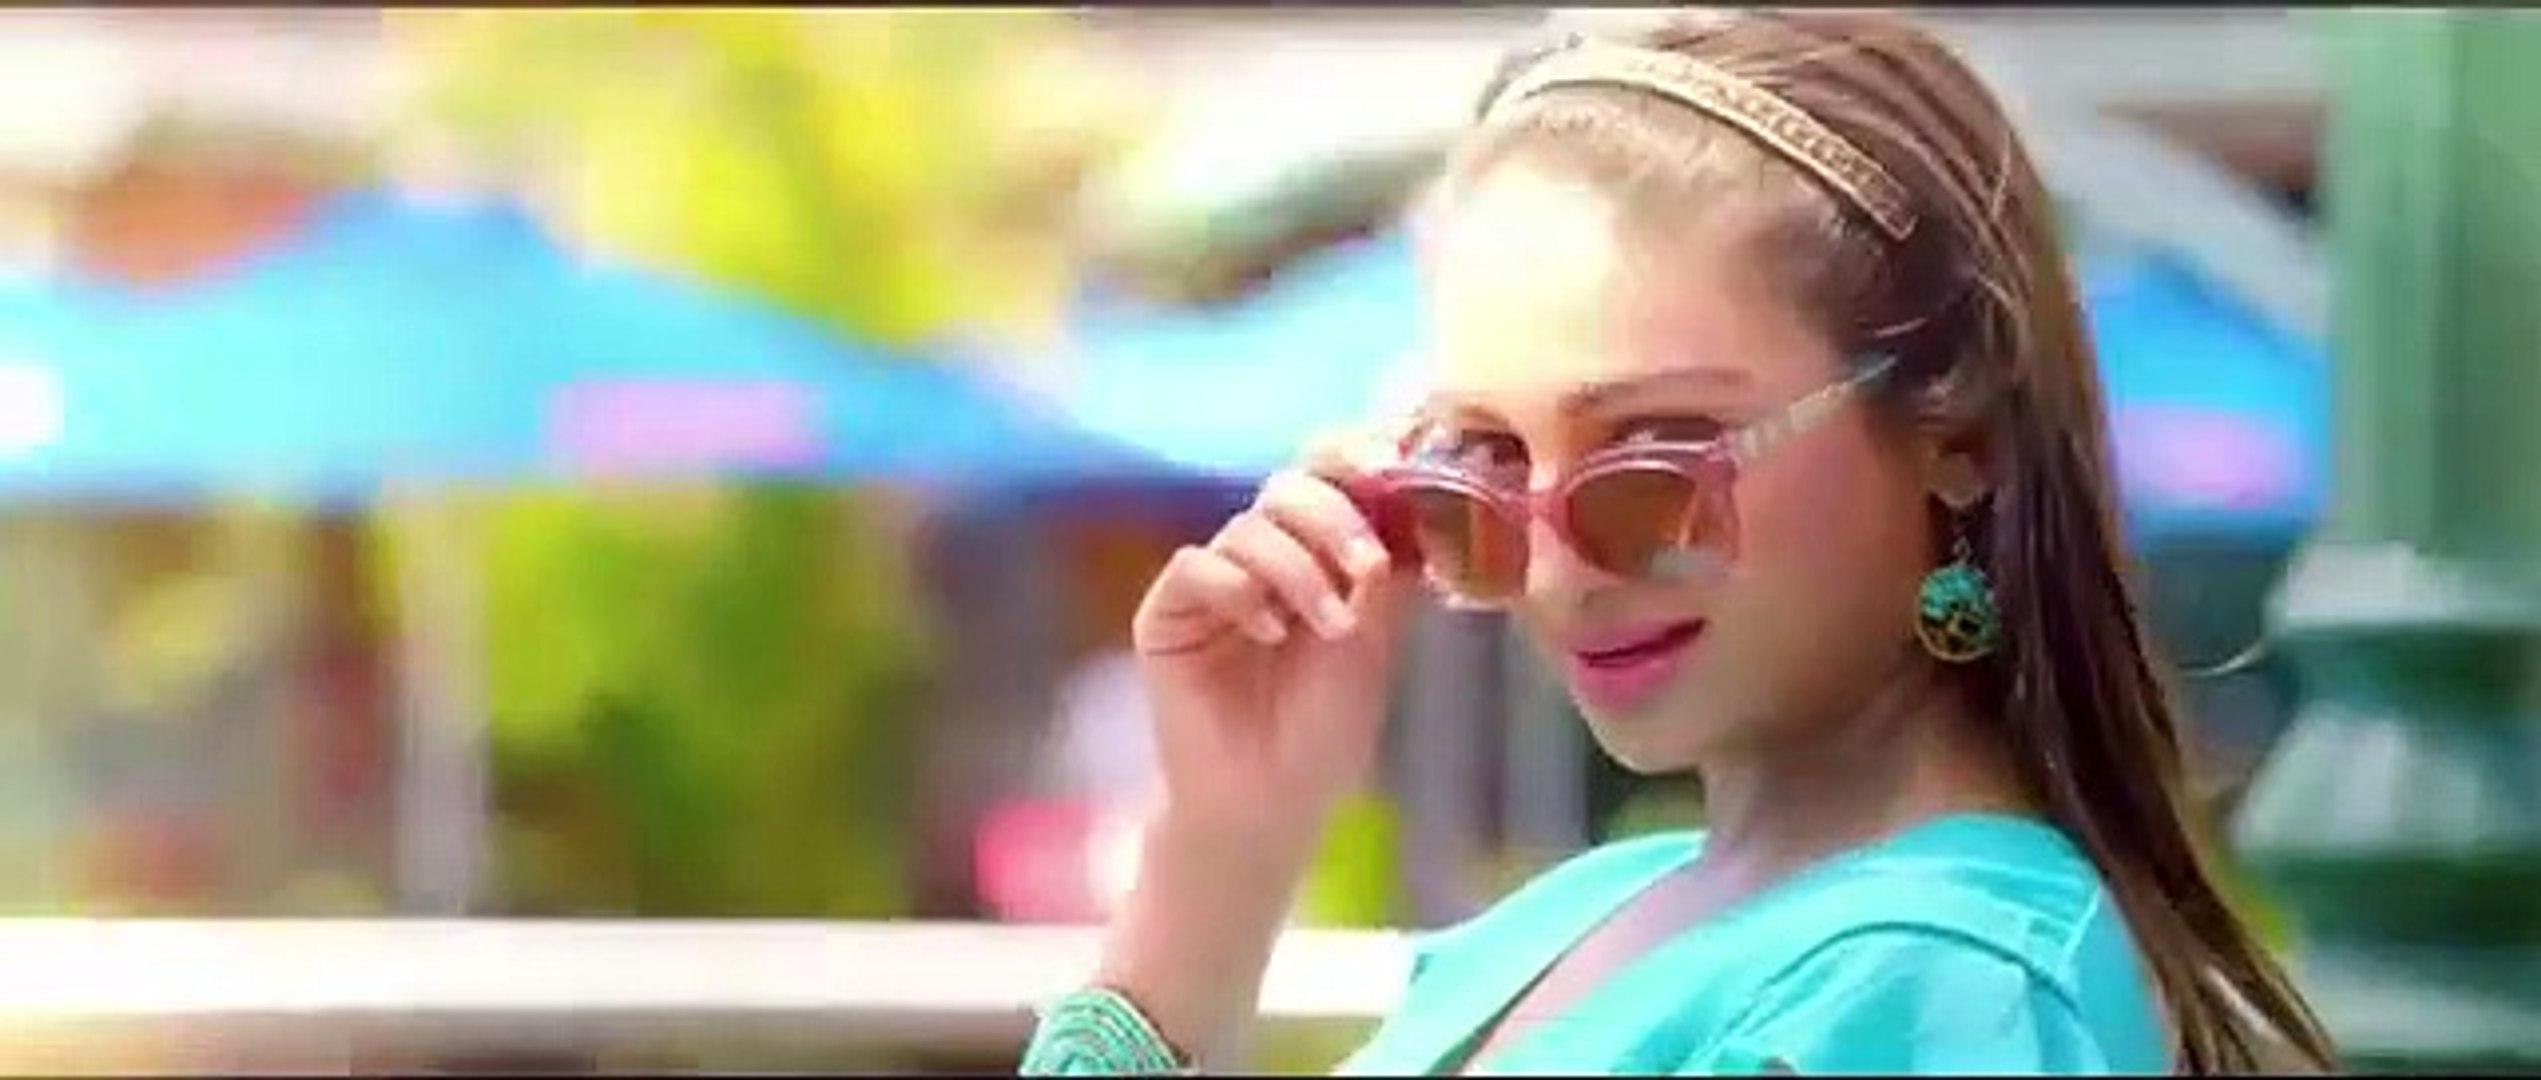 Gaddiyan __Babal Rai__Jassii Gill__Rubina Bajwa __ Latest Punjabi Song 2020